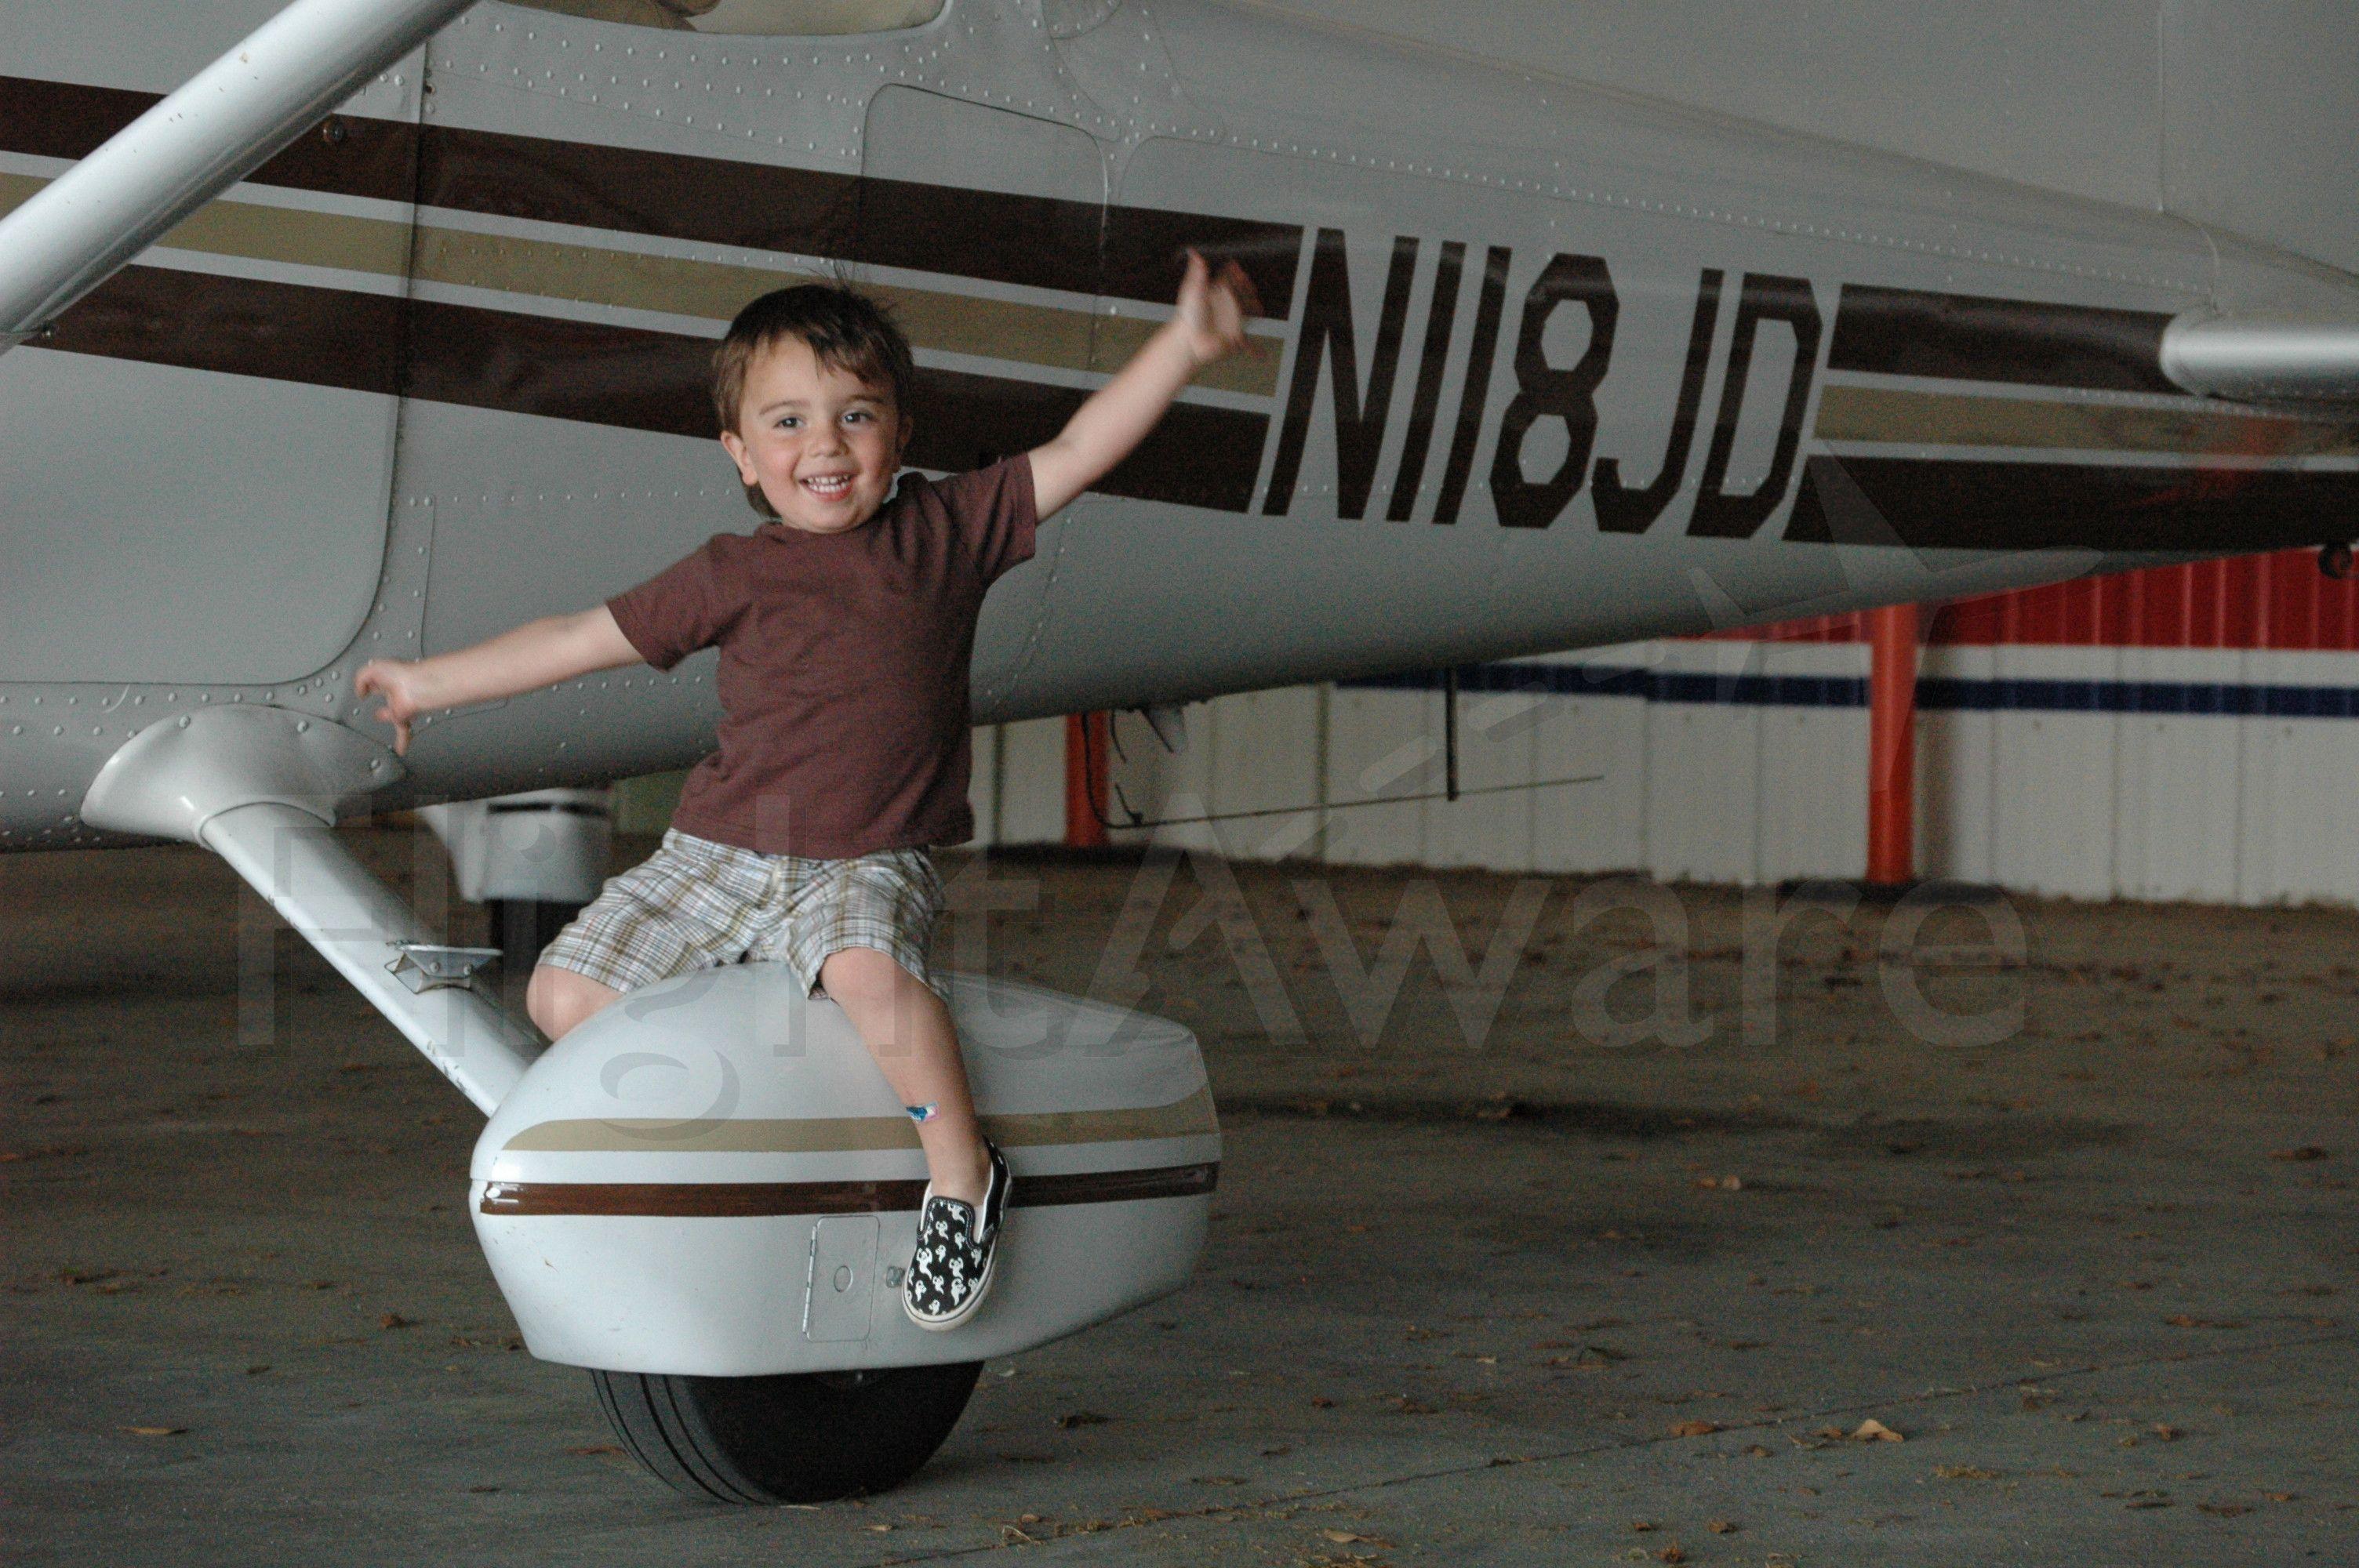 Cessna Skyhawk (N118JD) - C172